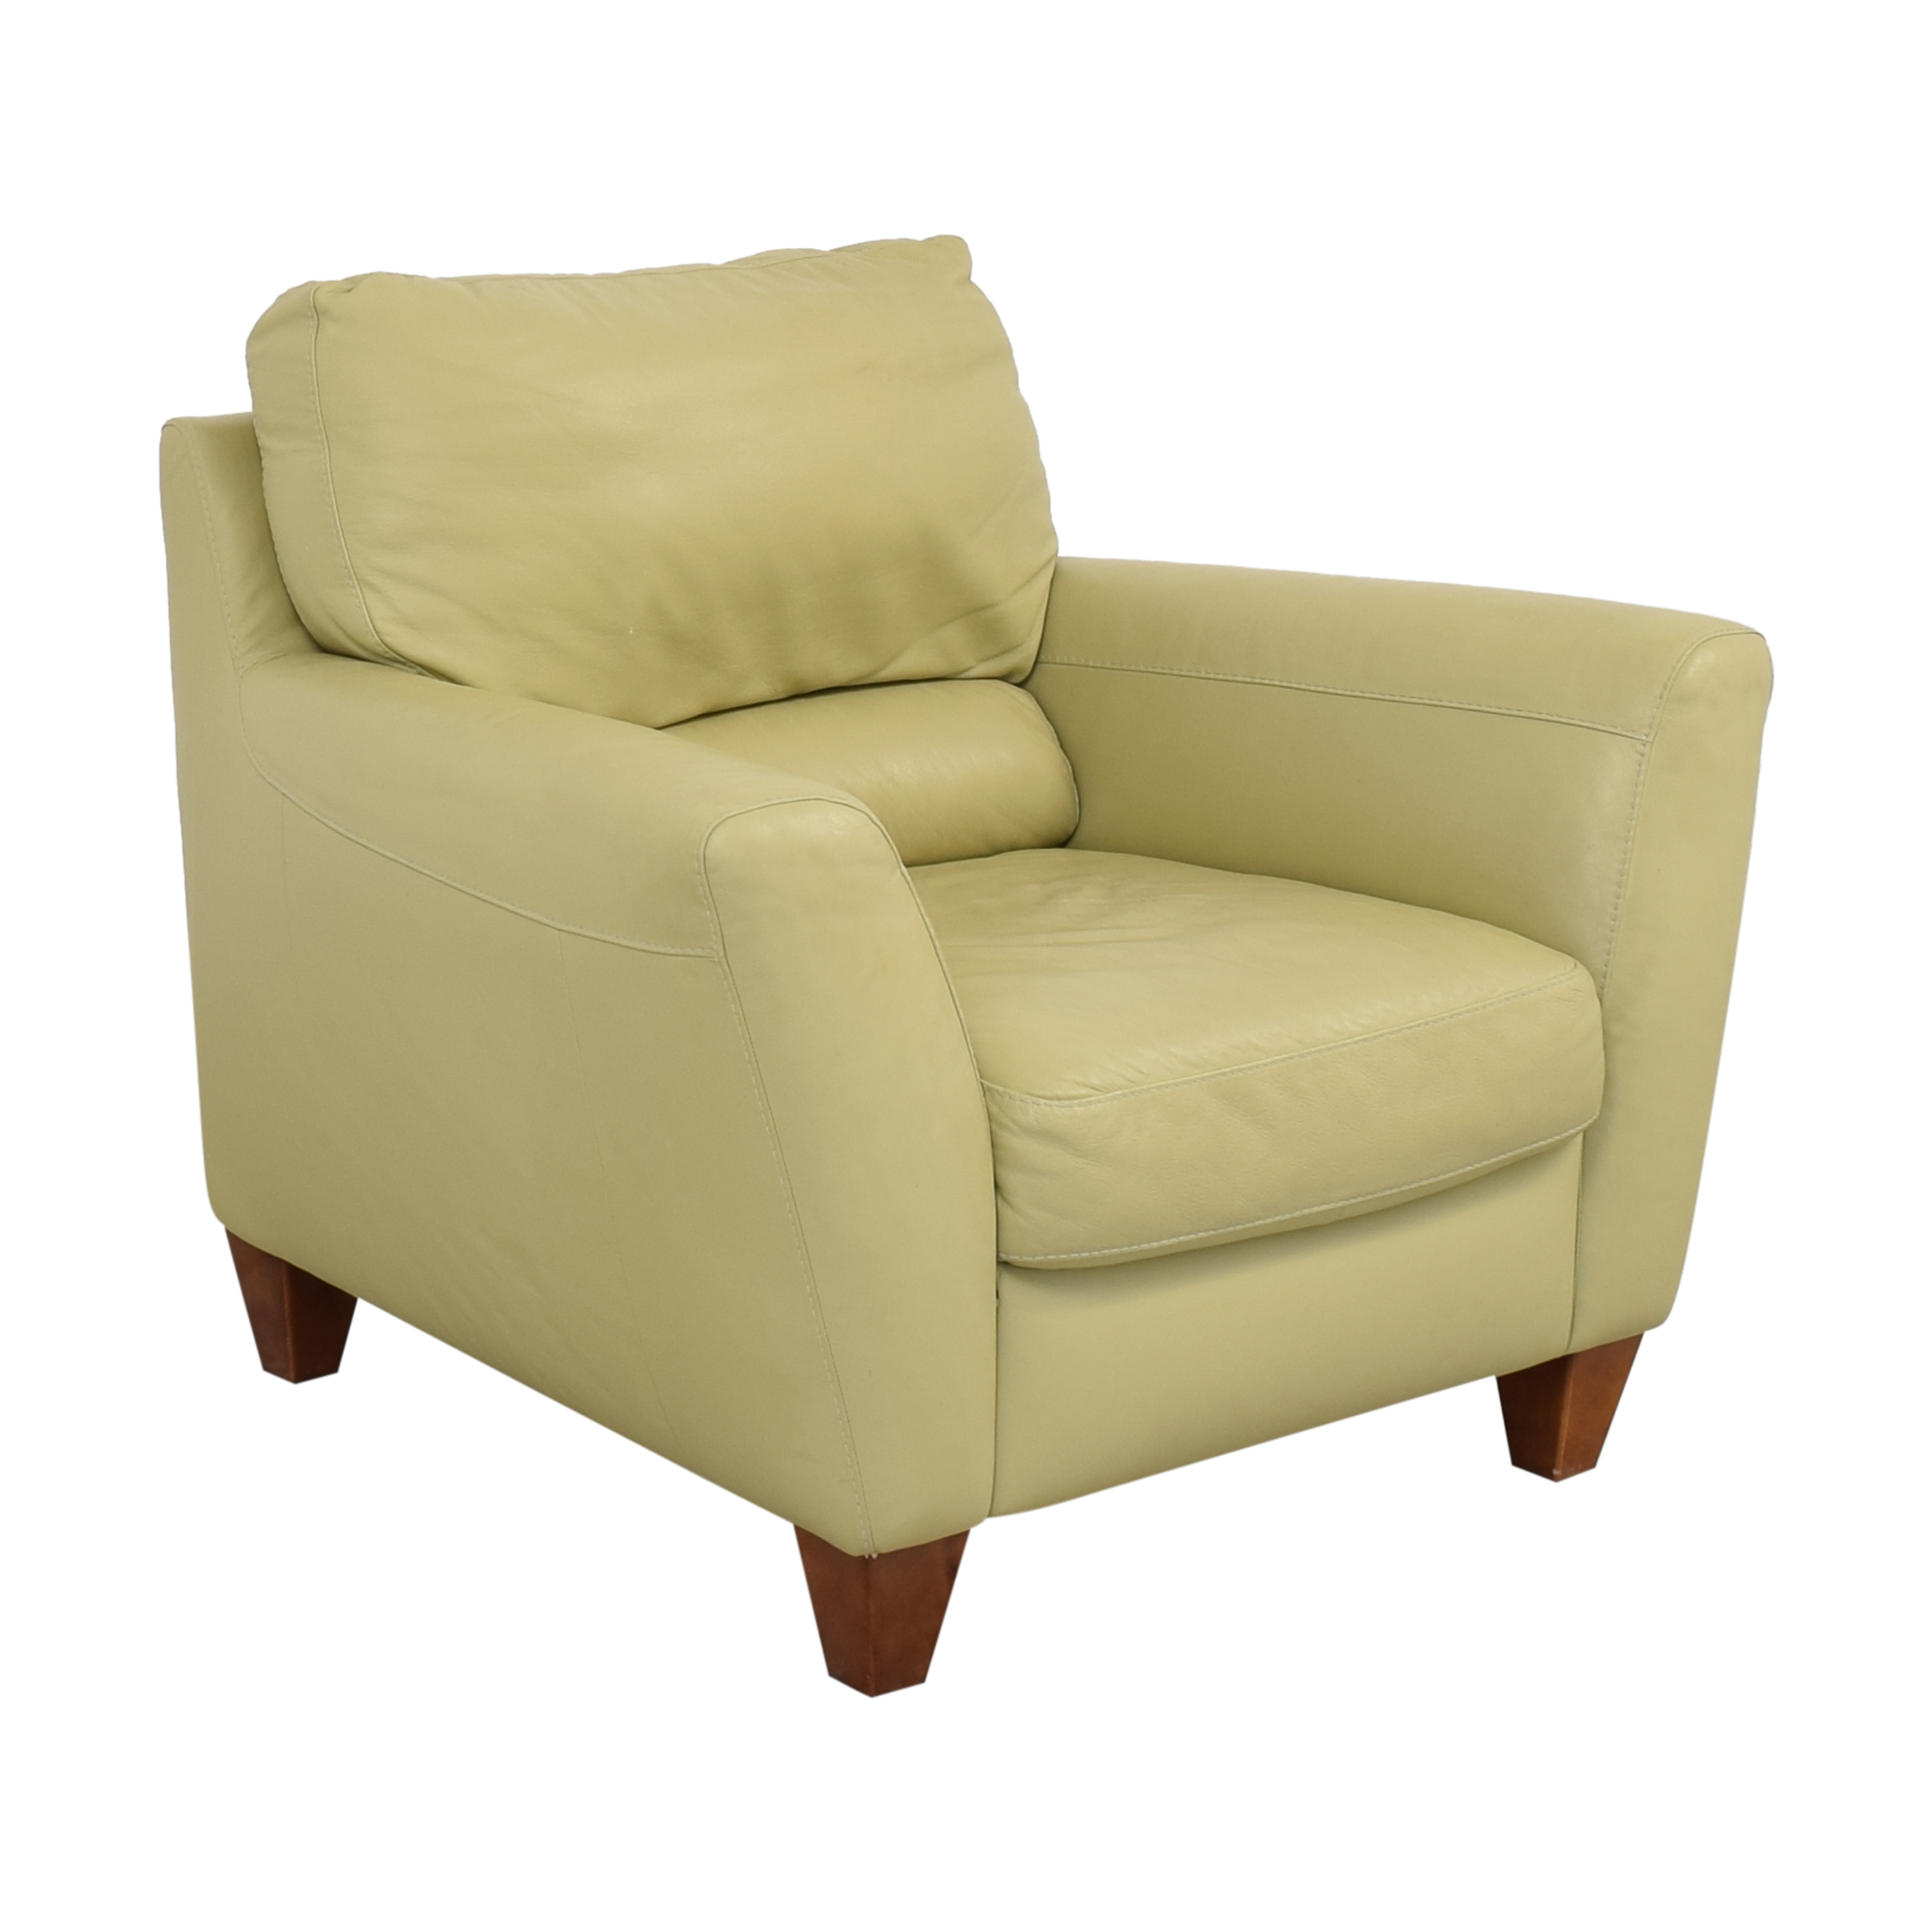 Natuzzi Natuzzi Limentra Armchair Accent Chairs